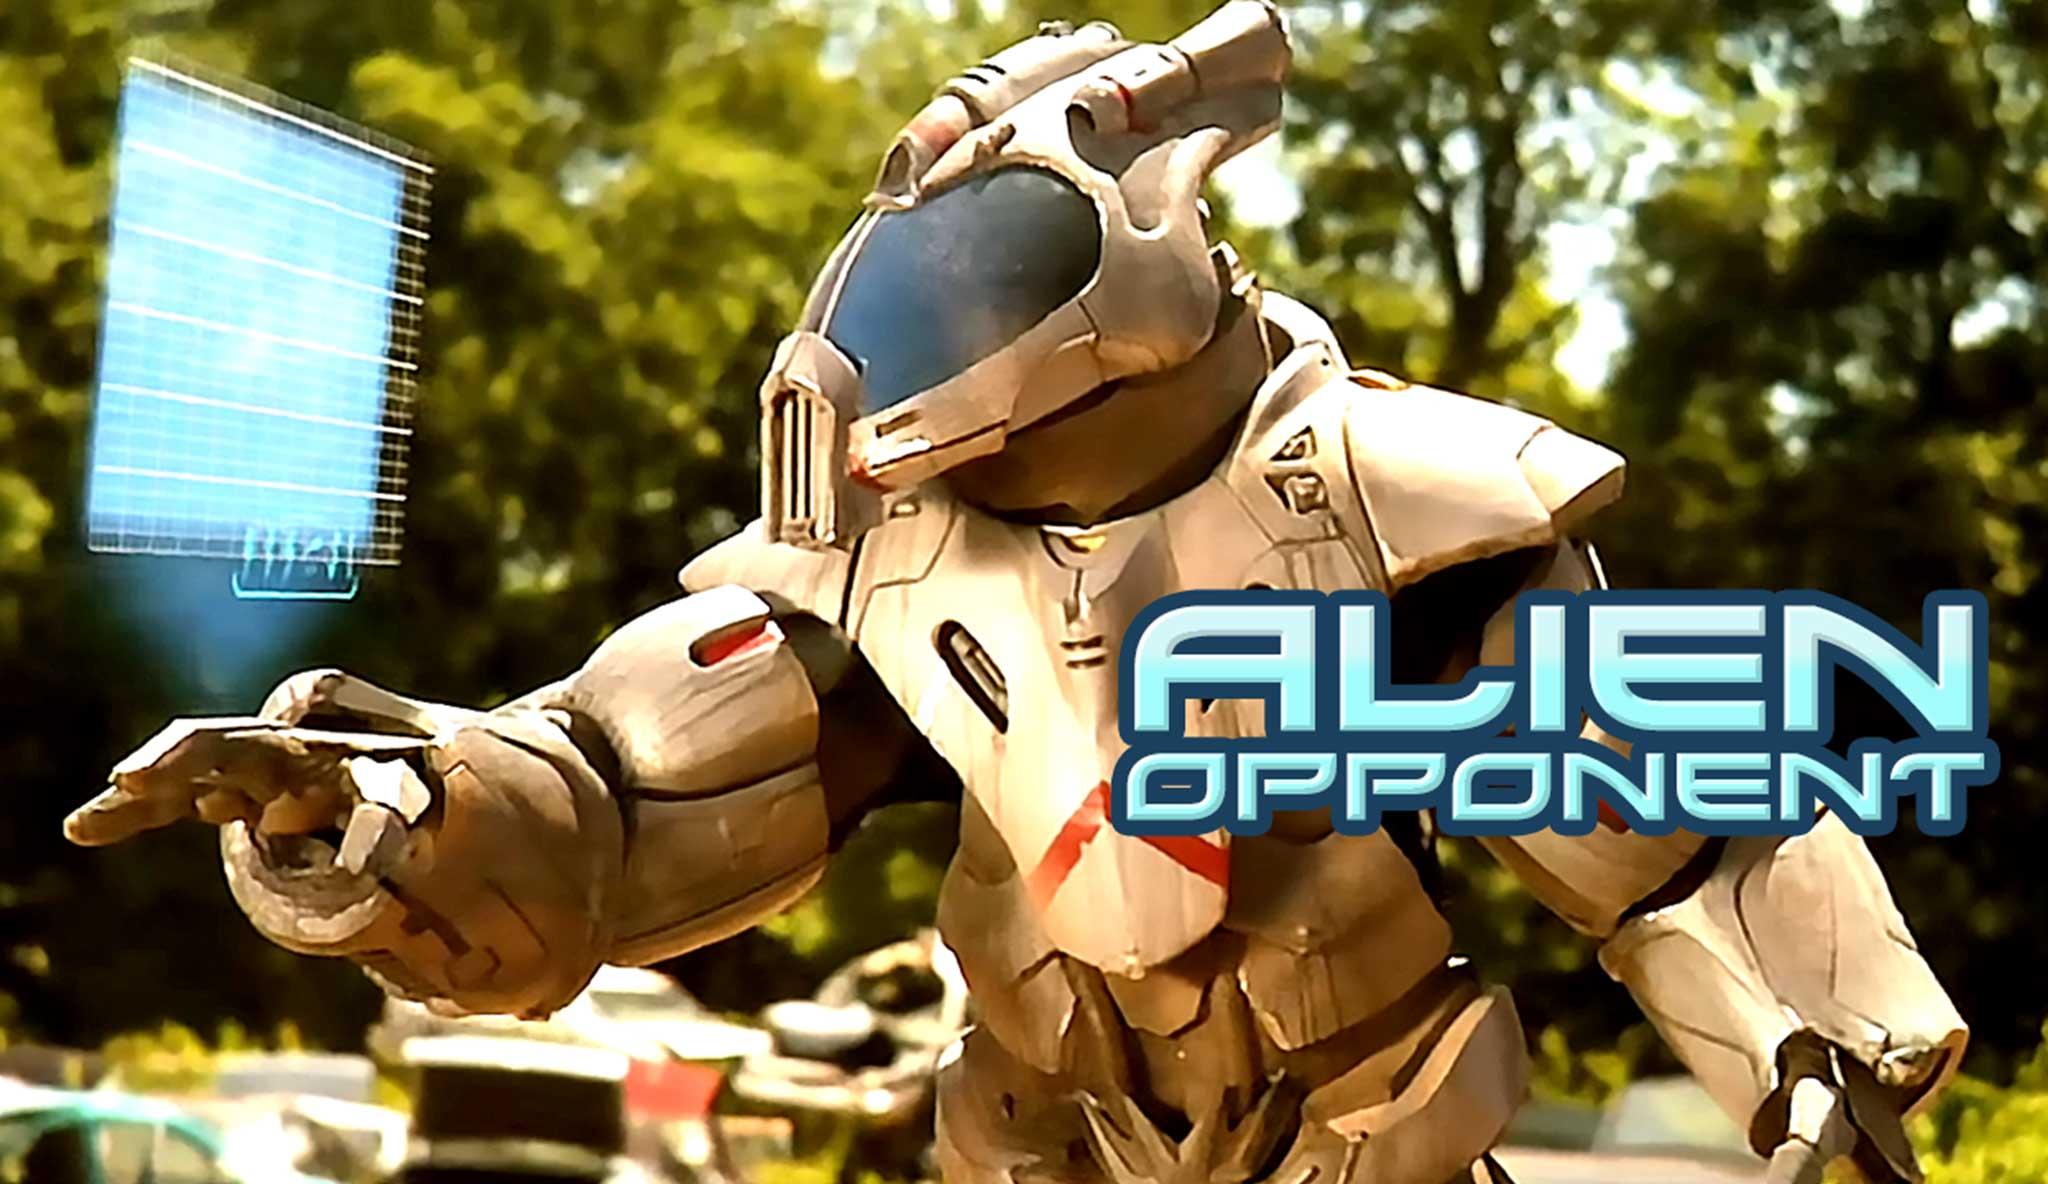 alien-opponent\header.jpg